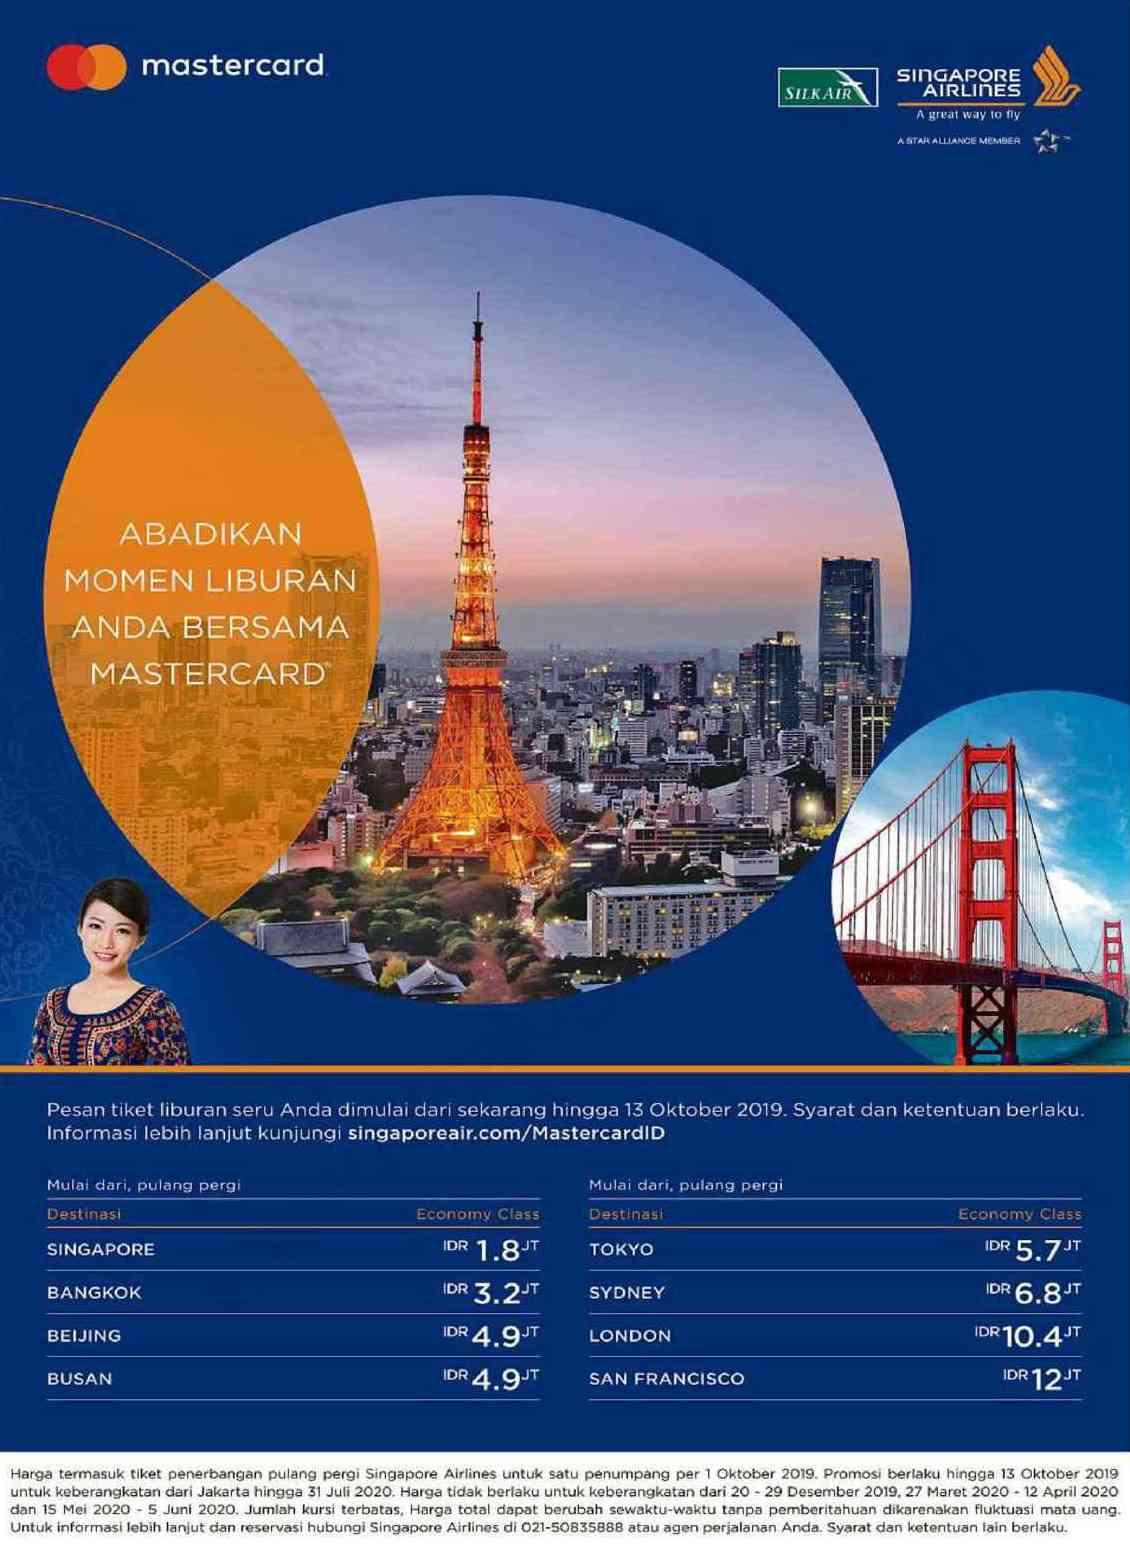 Singapore Airlines Promo Rp.1,8 Juta PP Terbang ke Singapura dan Destinasi Lainnya.